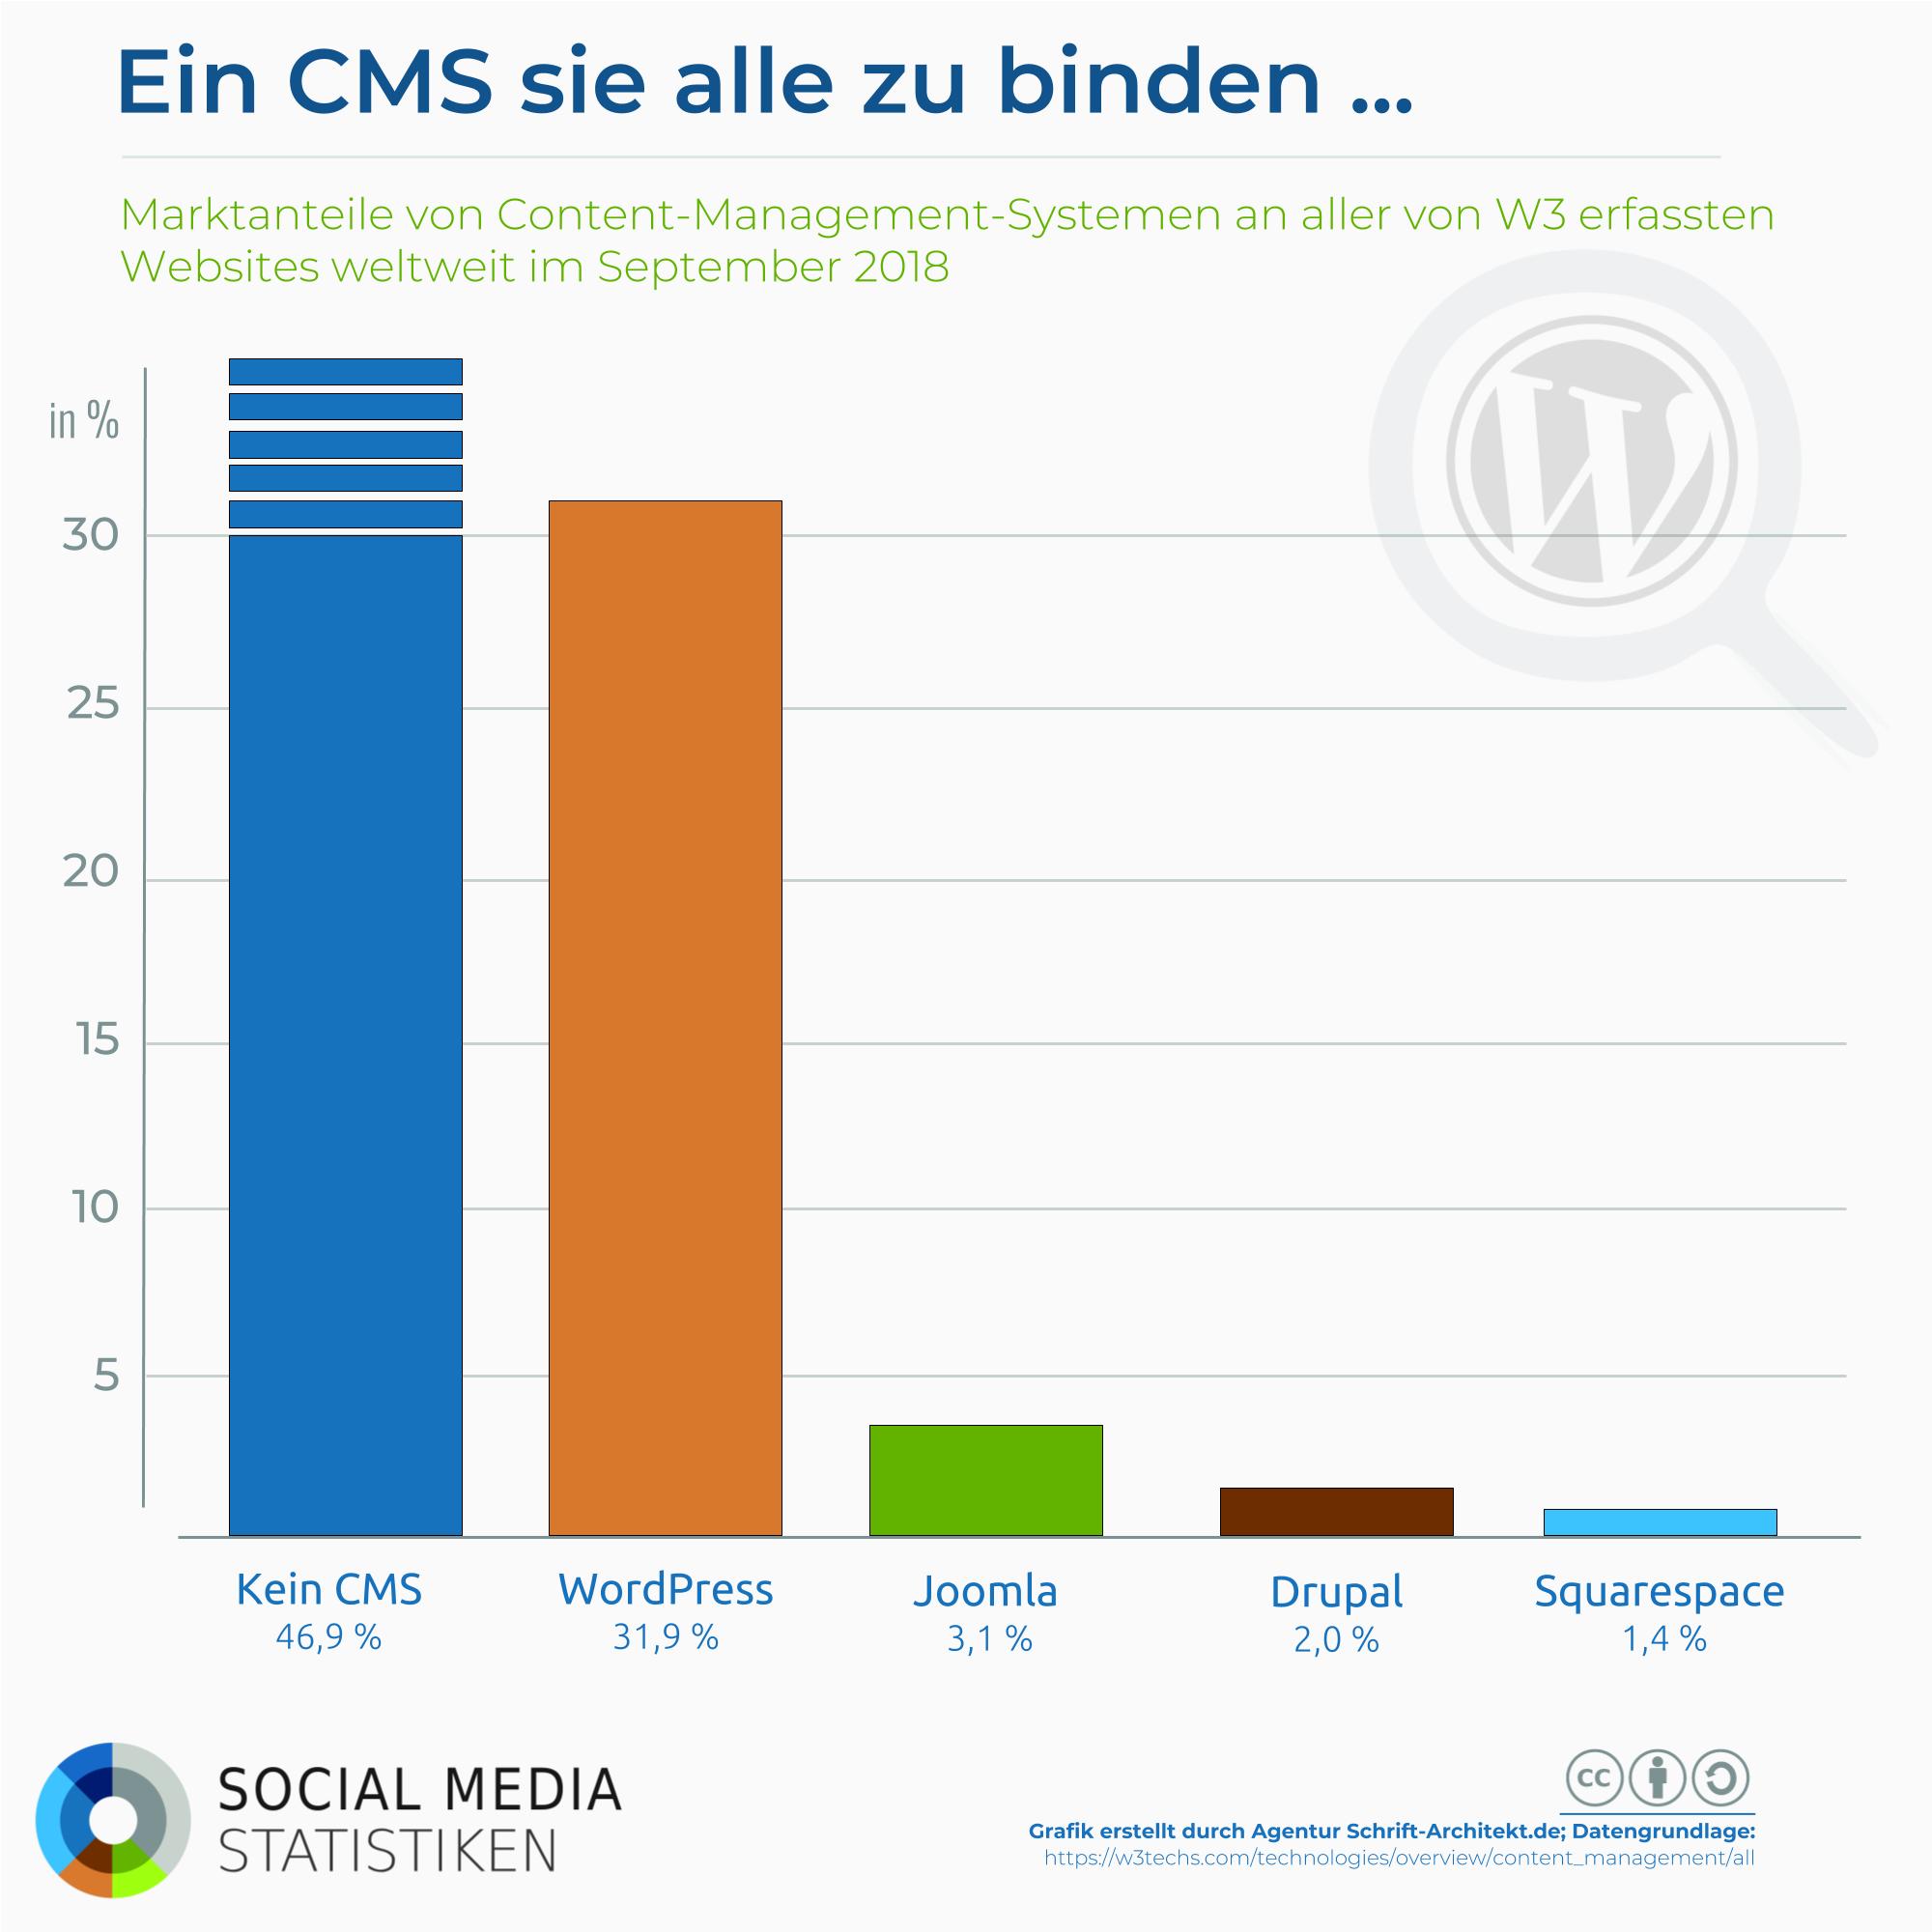 Infografik SocialMediaStatistik.de zum Thema wordpress